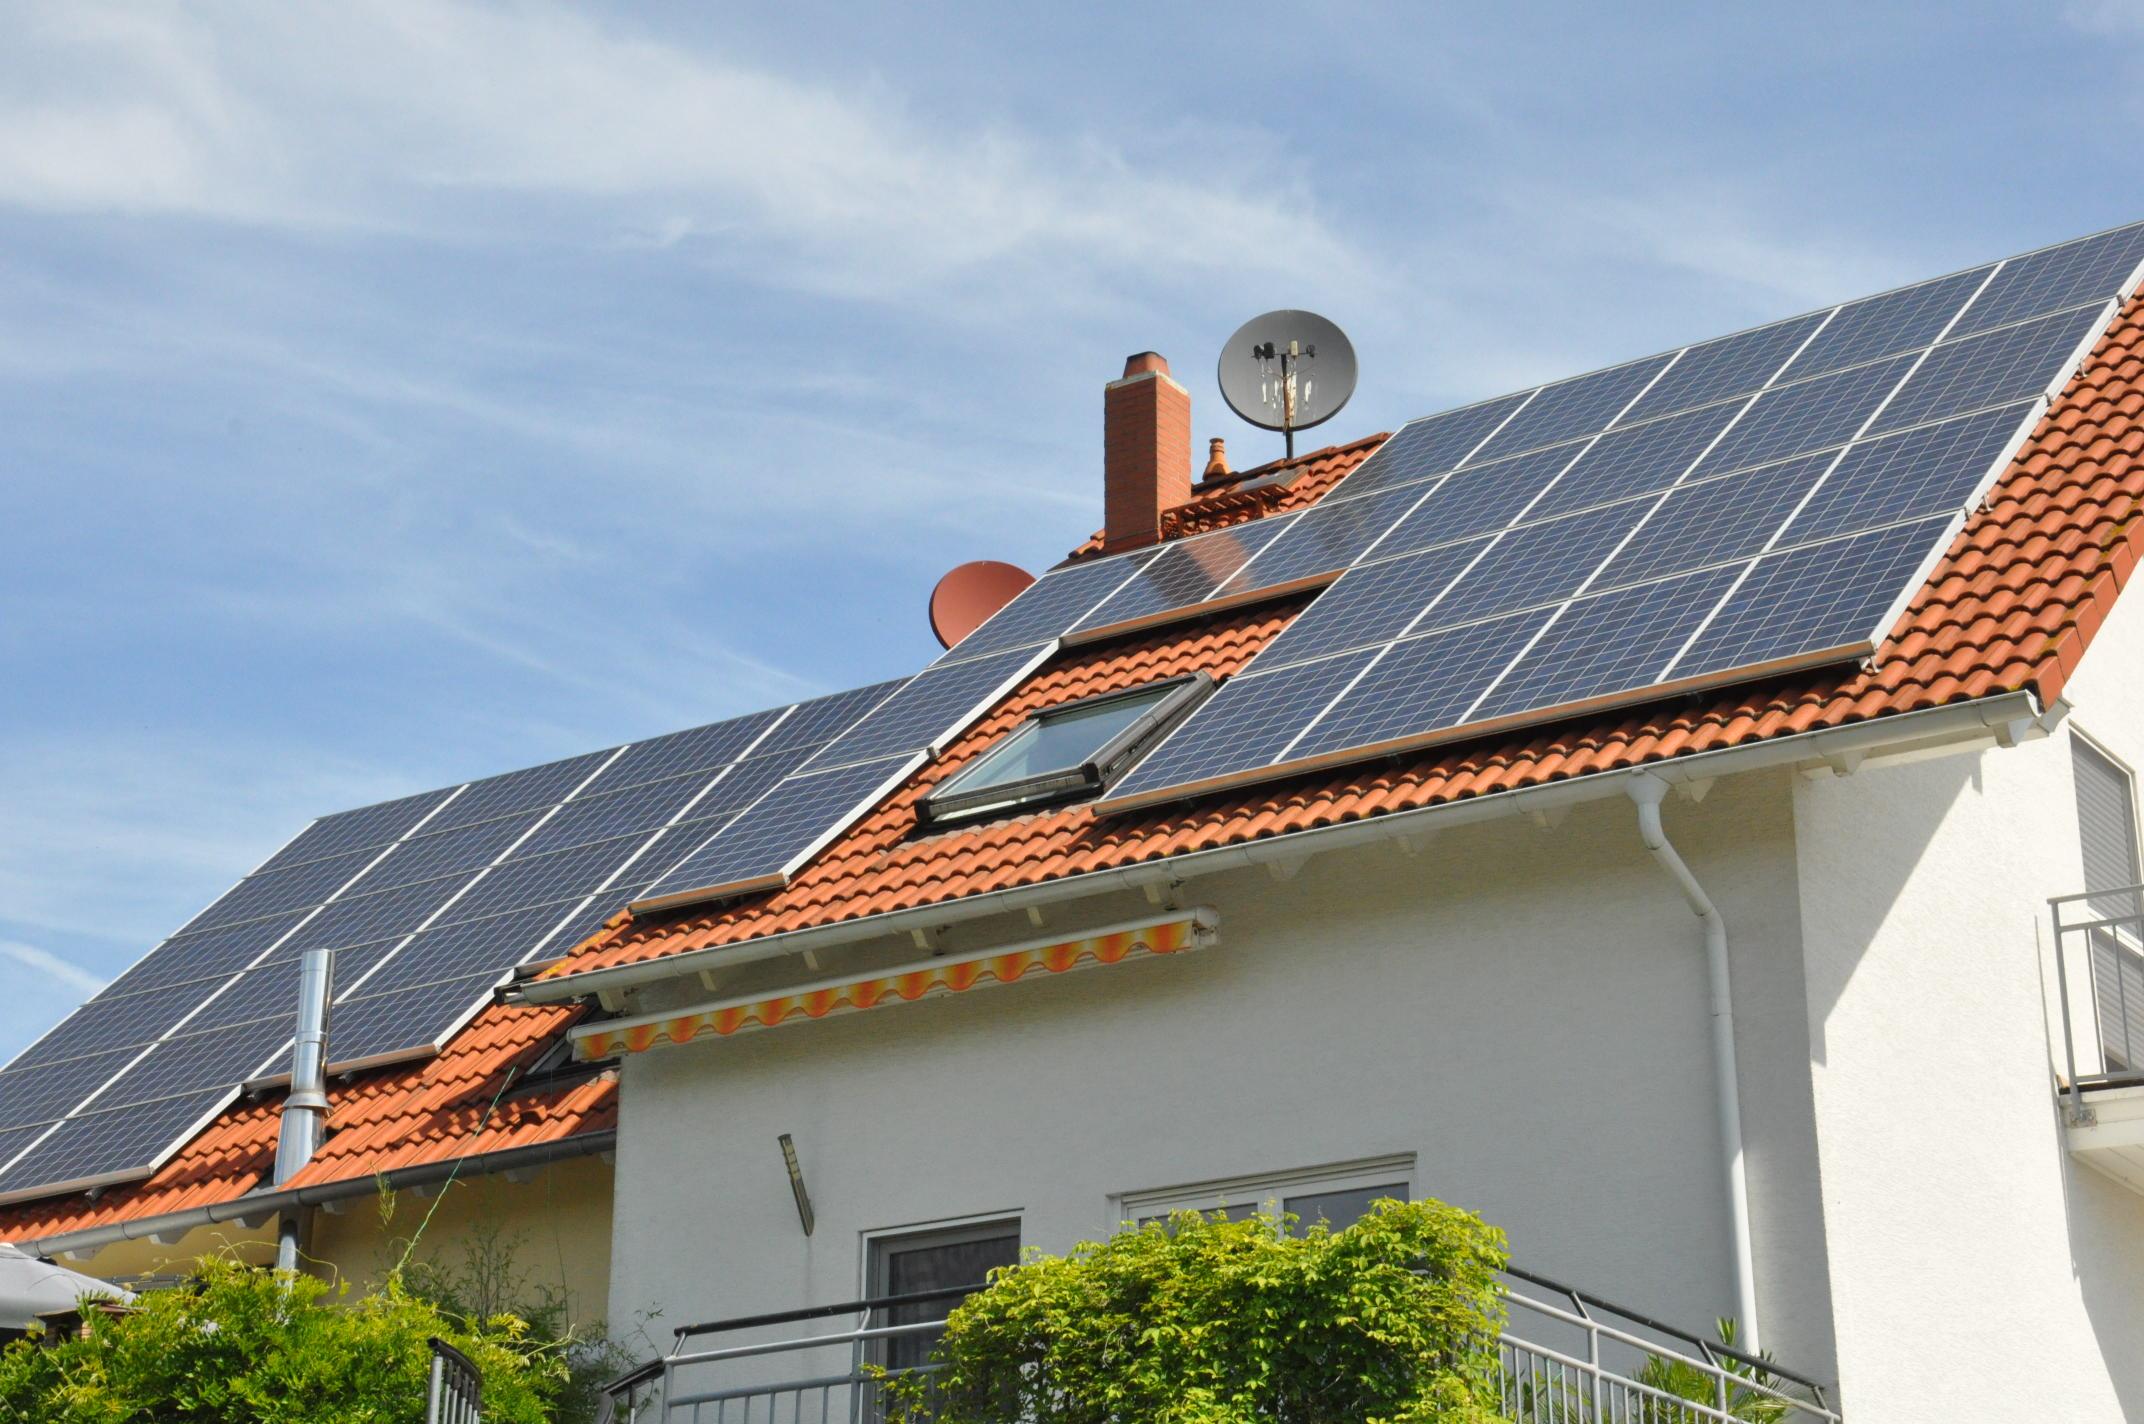 11.18 KW_Unimen poly 260W panel_Oberstenfeld_Germany